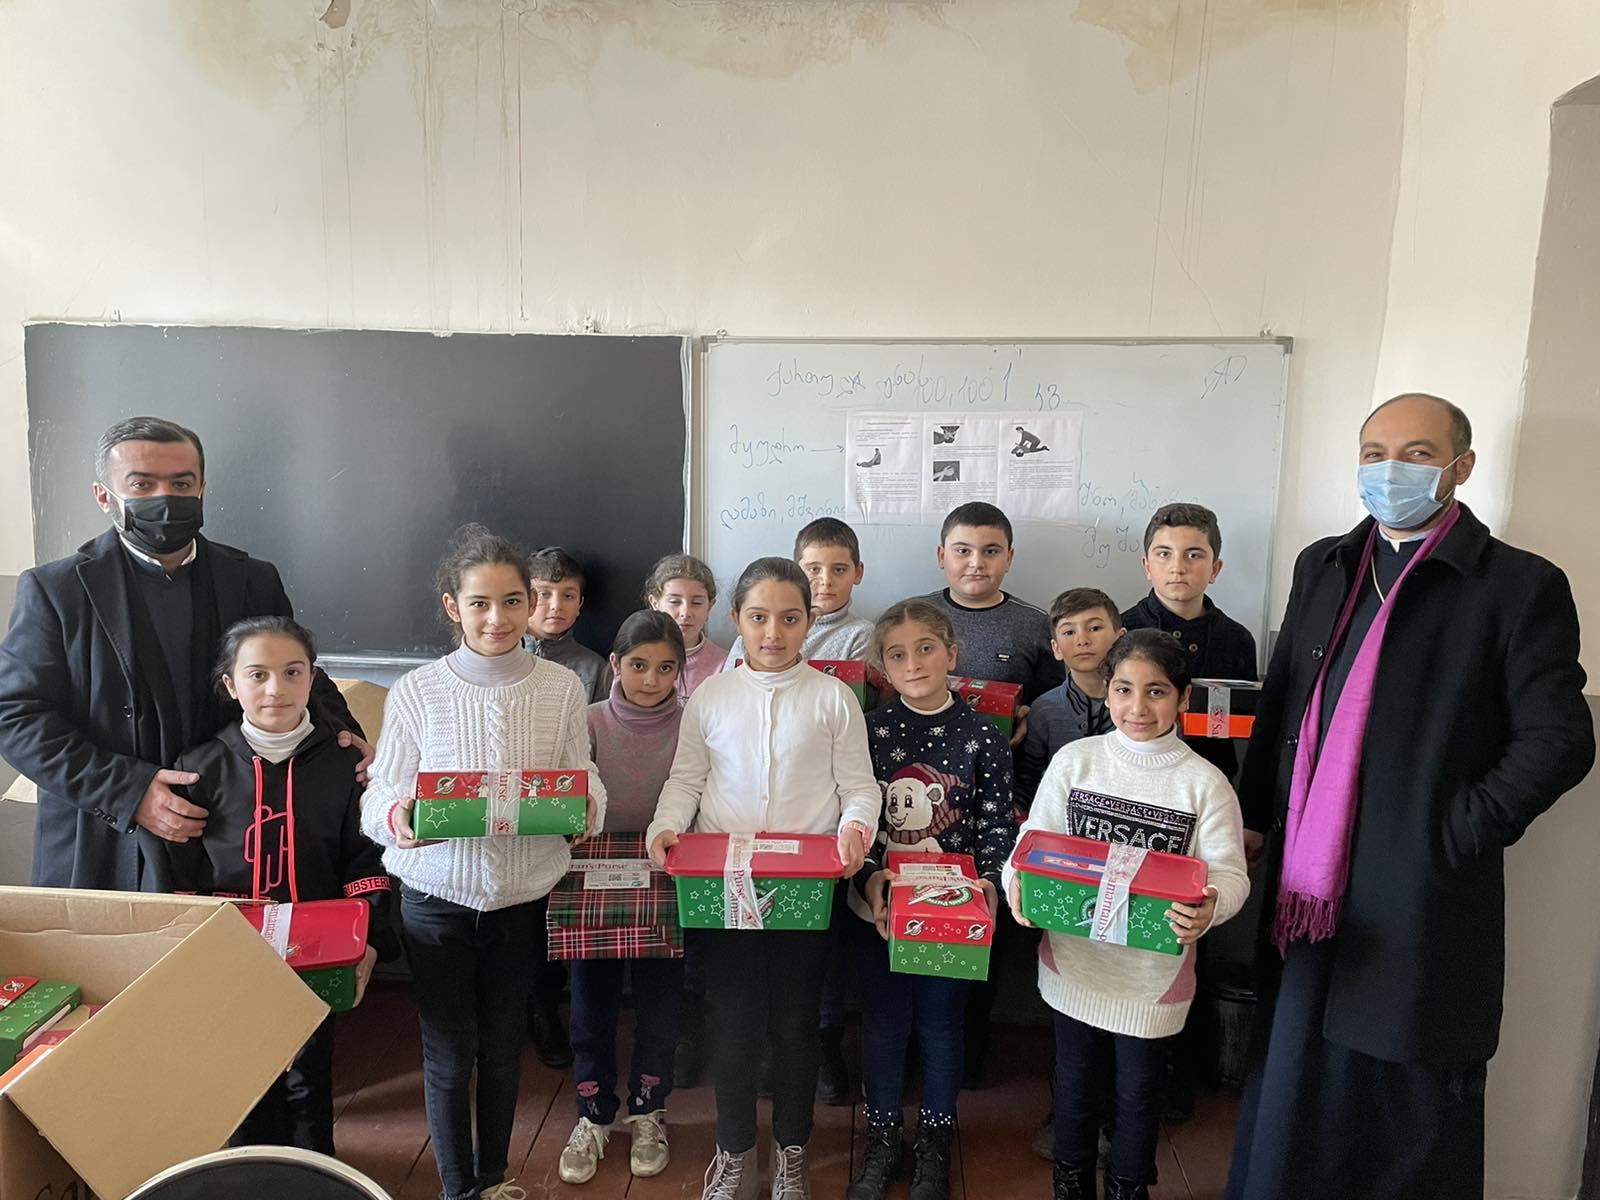 Gifts by ''Samaritan's Purse'' Christian humanitarian organization for children